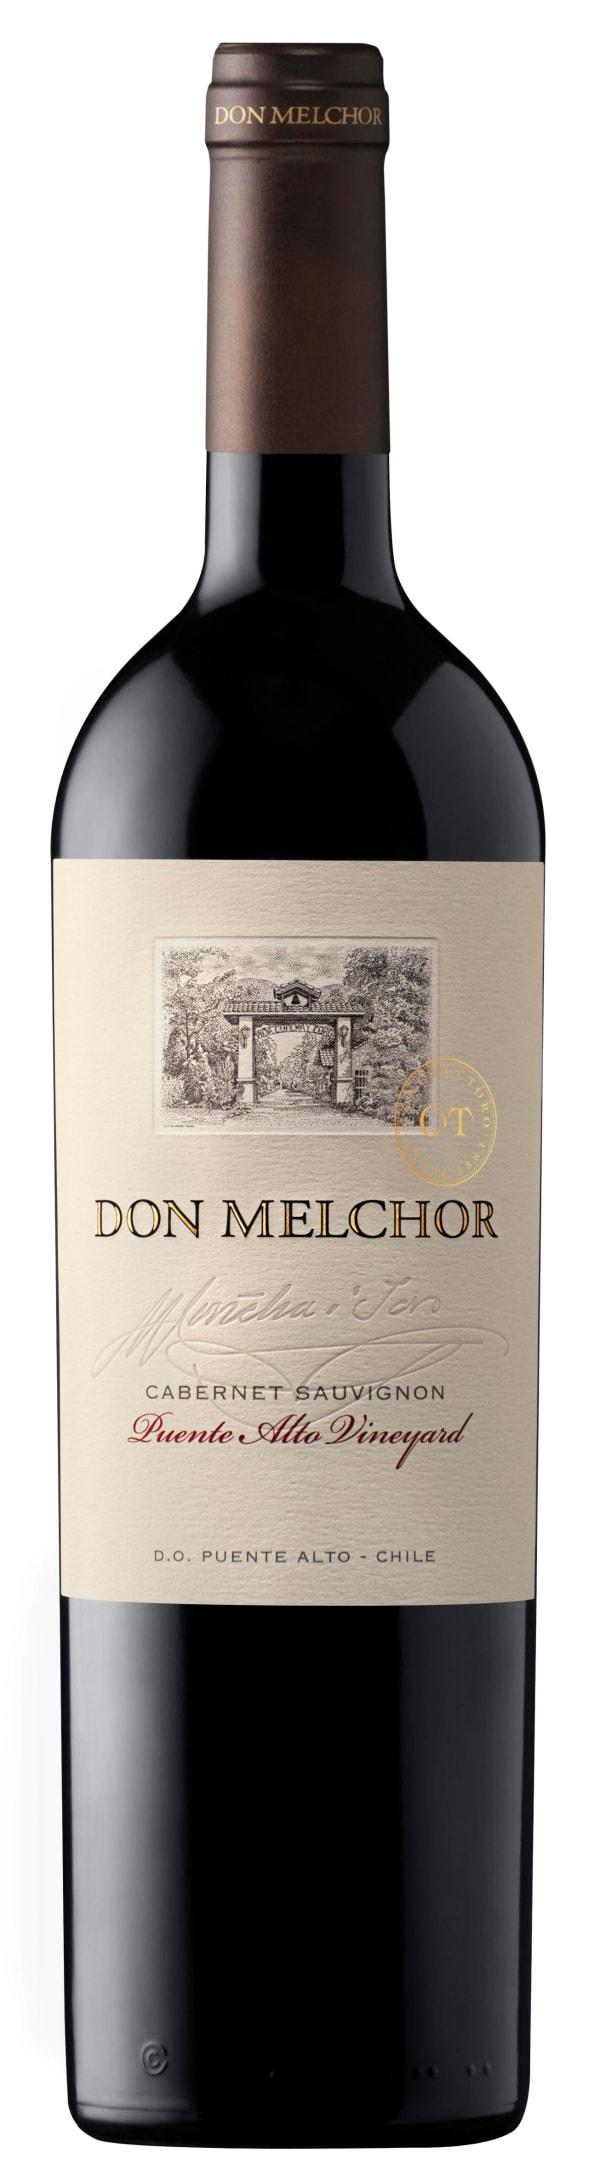 Don Melchor Cabernet Sauvignon 2015